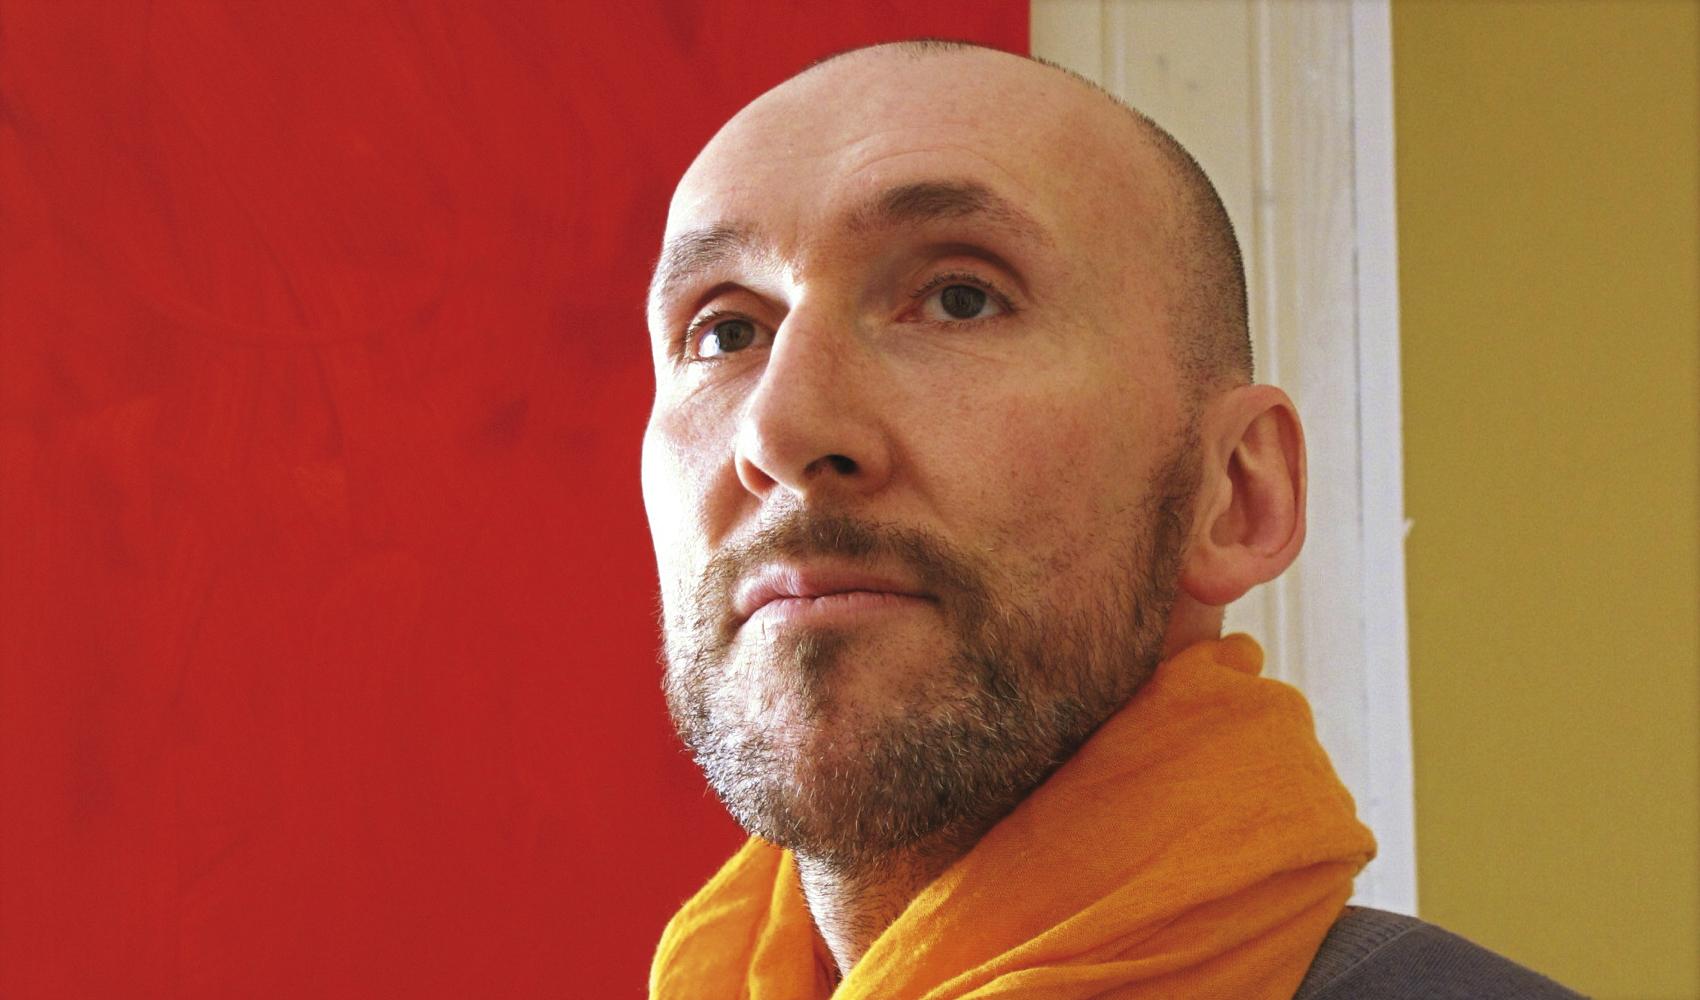 Julien Emmanuel Knauer, Künstler und Heilpraktiker der Psychotherapie